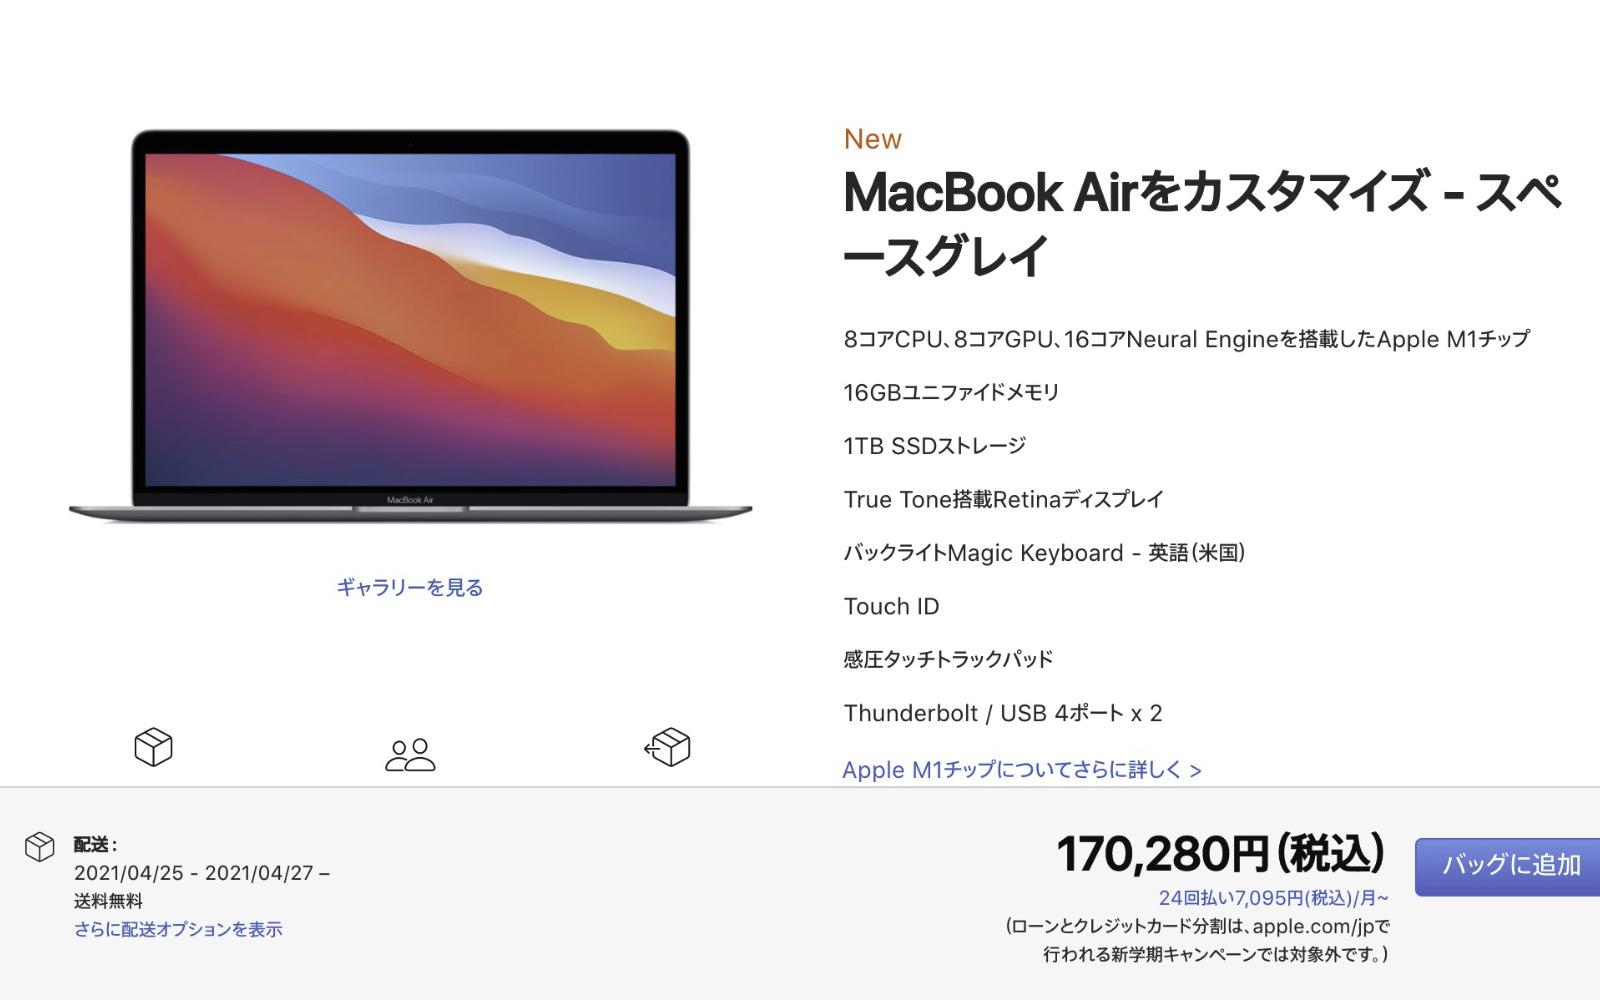 M1 MacBook Air Academic Price